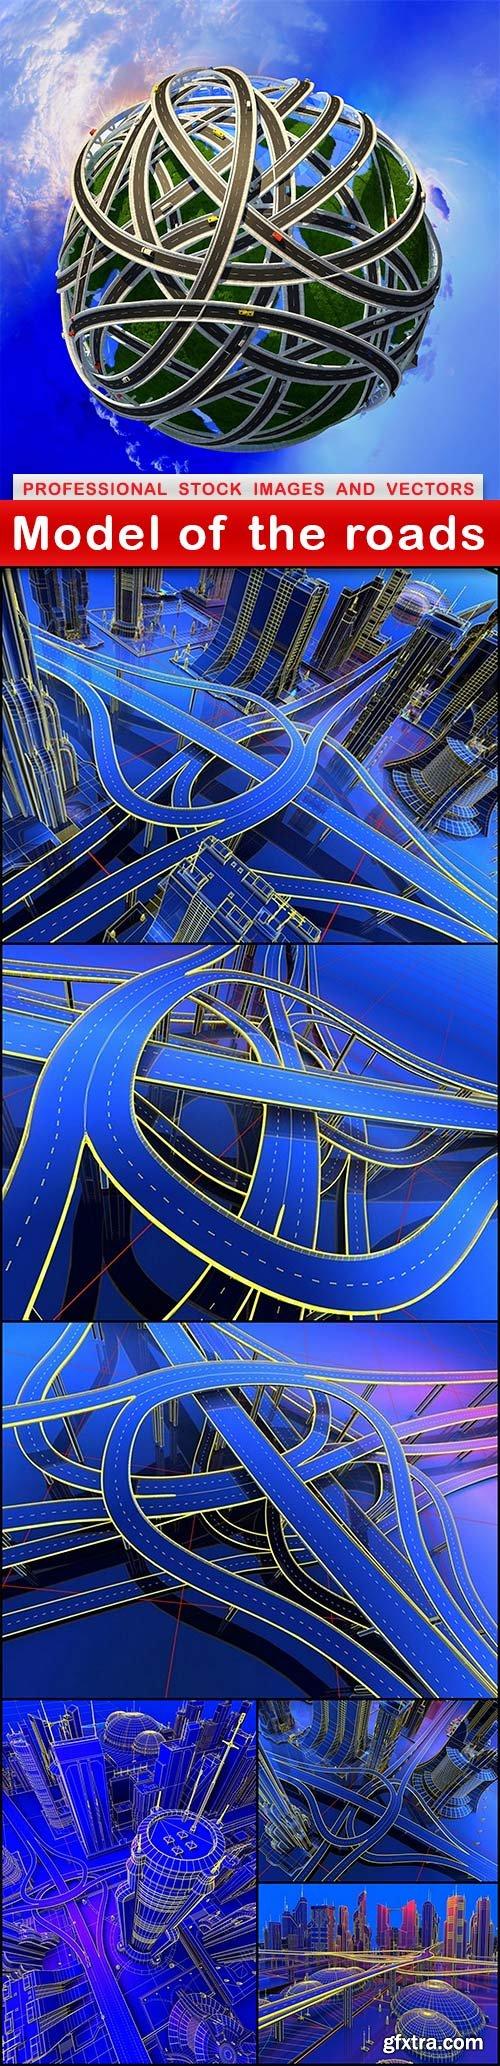 Model of the roads - 7 UHQ JPEG